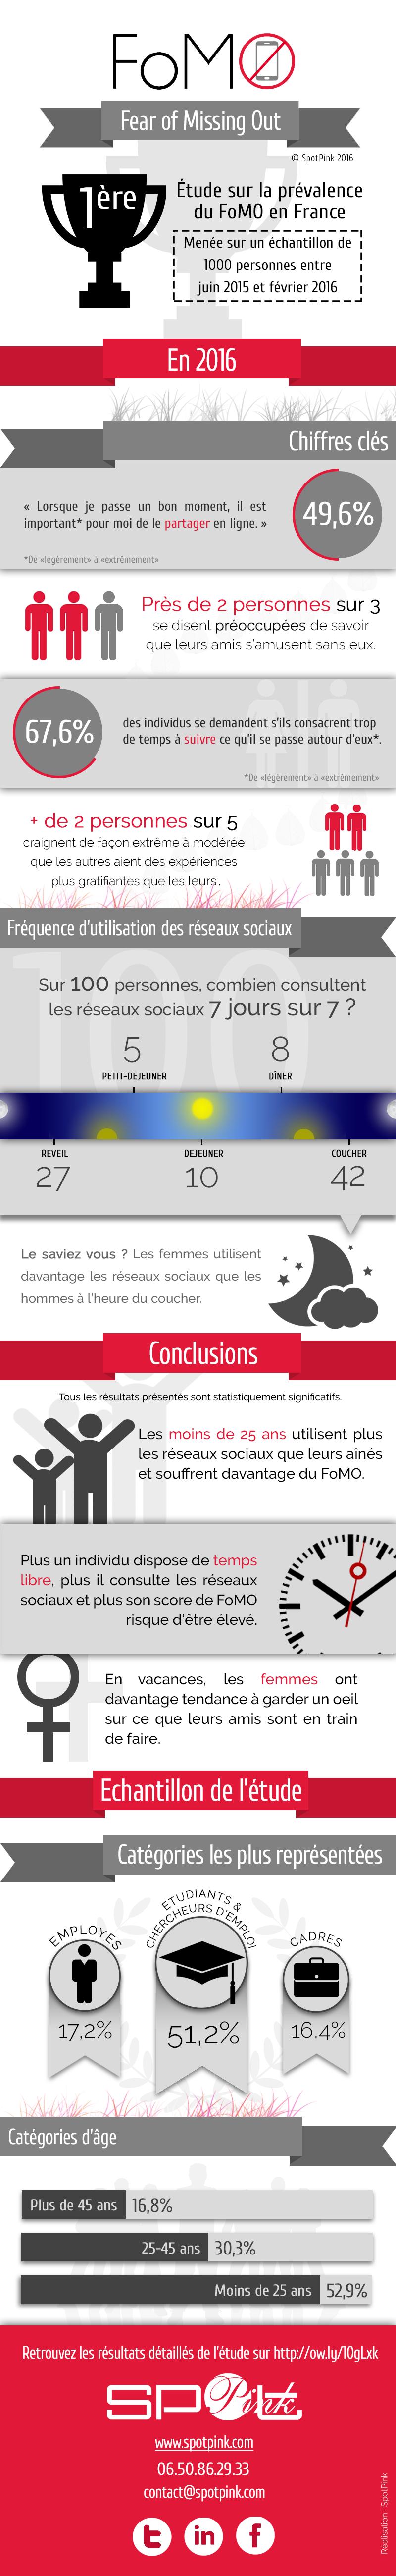 Infographie Etude sur la prévalence du FoMO en France et la fréquence d'utilisation des réseaux sociaux